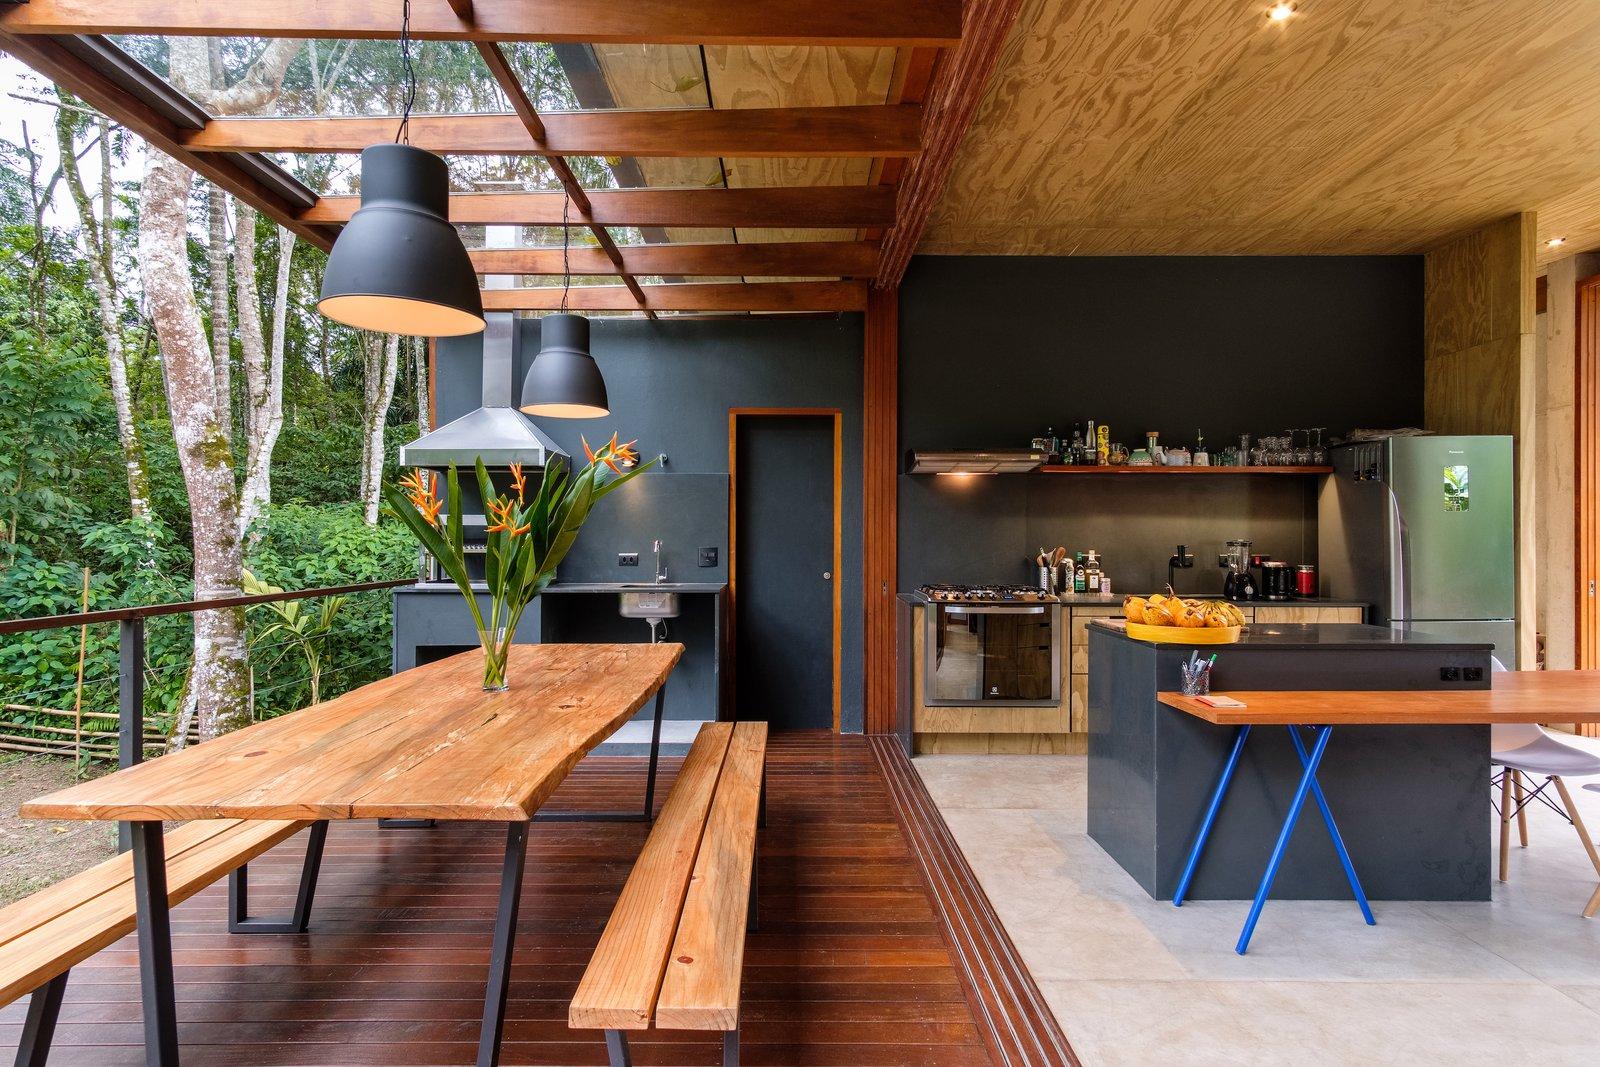 Comedor, banco, piso de concreto, mesa, colgante y piso de madera de tamaño medio Un toldo de madera y vidrio brinda protección sin disminuir las vistas.